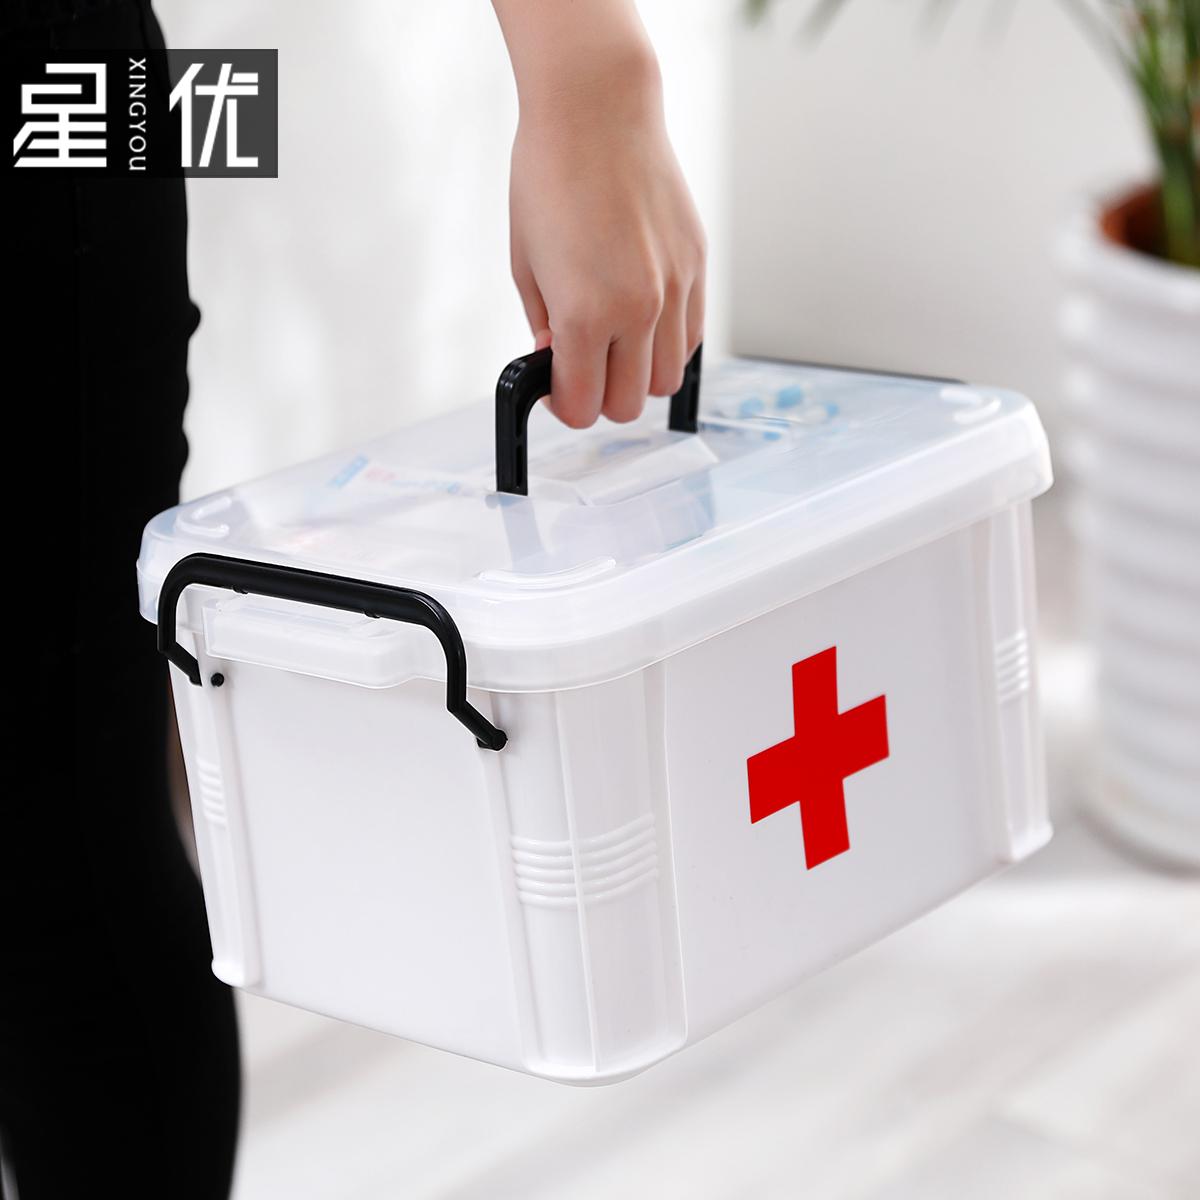 Xl врач аптечка врач лечение семья аптечка многослойный медицинская первая помощь коробка домой медицина вещь ящик доход каролина коробки